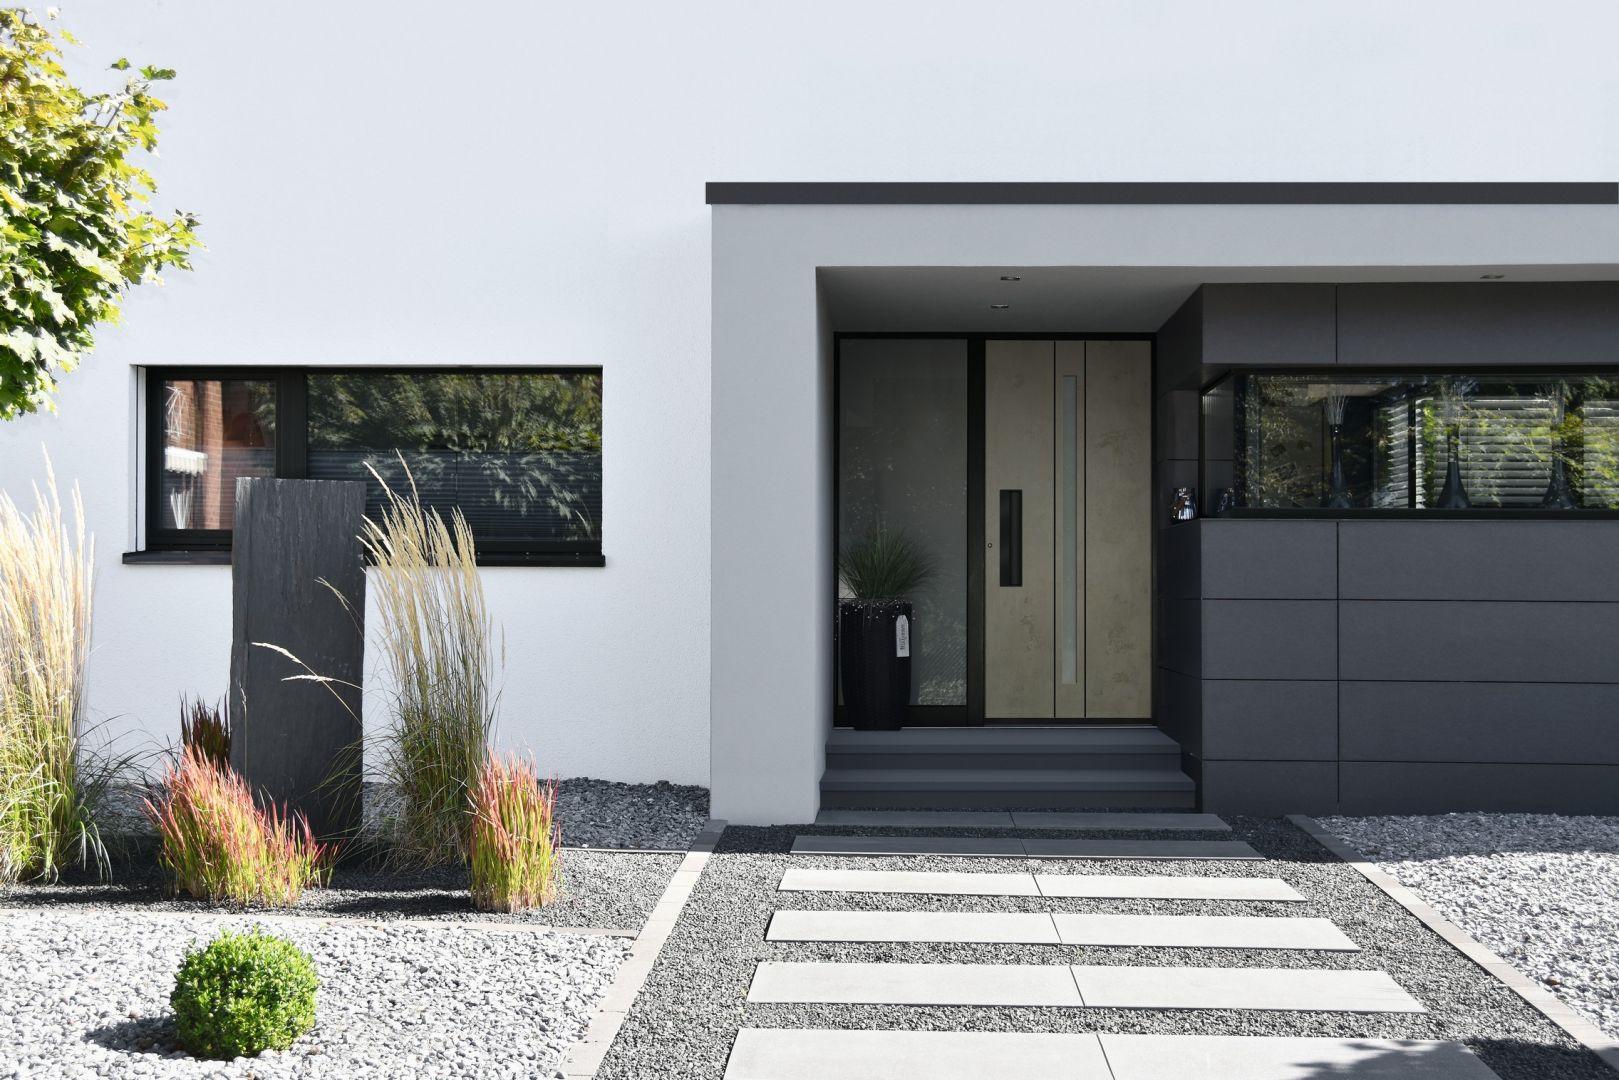 Warto pamiętać, aby w momencie dobierania nowych drzwi, precyzyjnie dopasować je do wyglądu fasady budynku. Na zdjęciu: drzwi zewnętrze z kolekcji Avangarde. Fot. Awilux